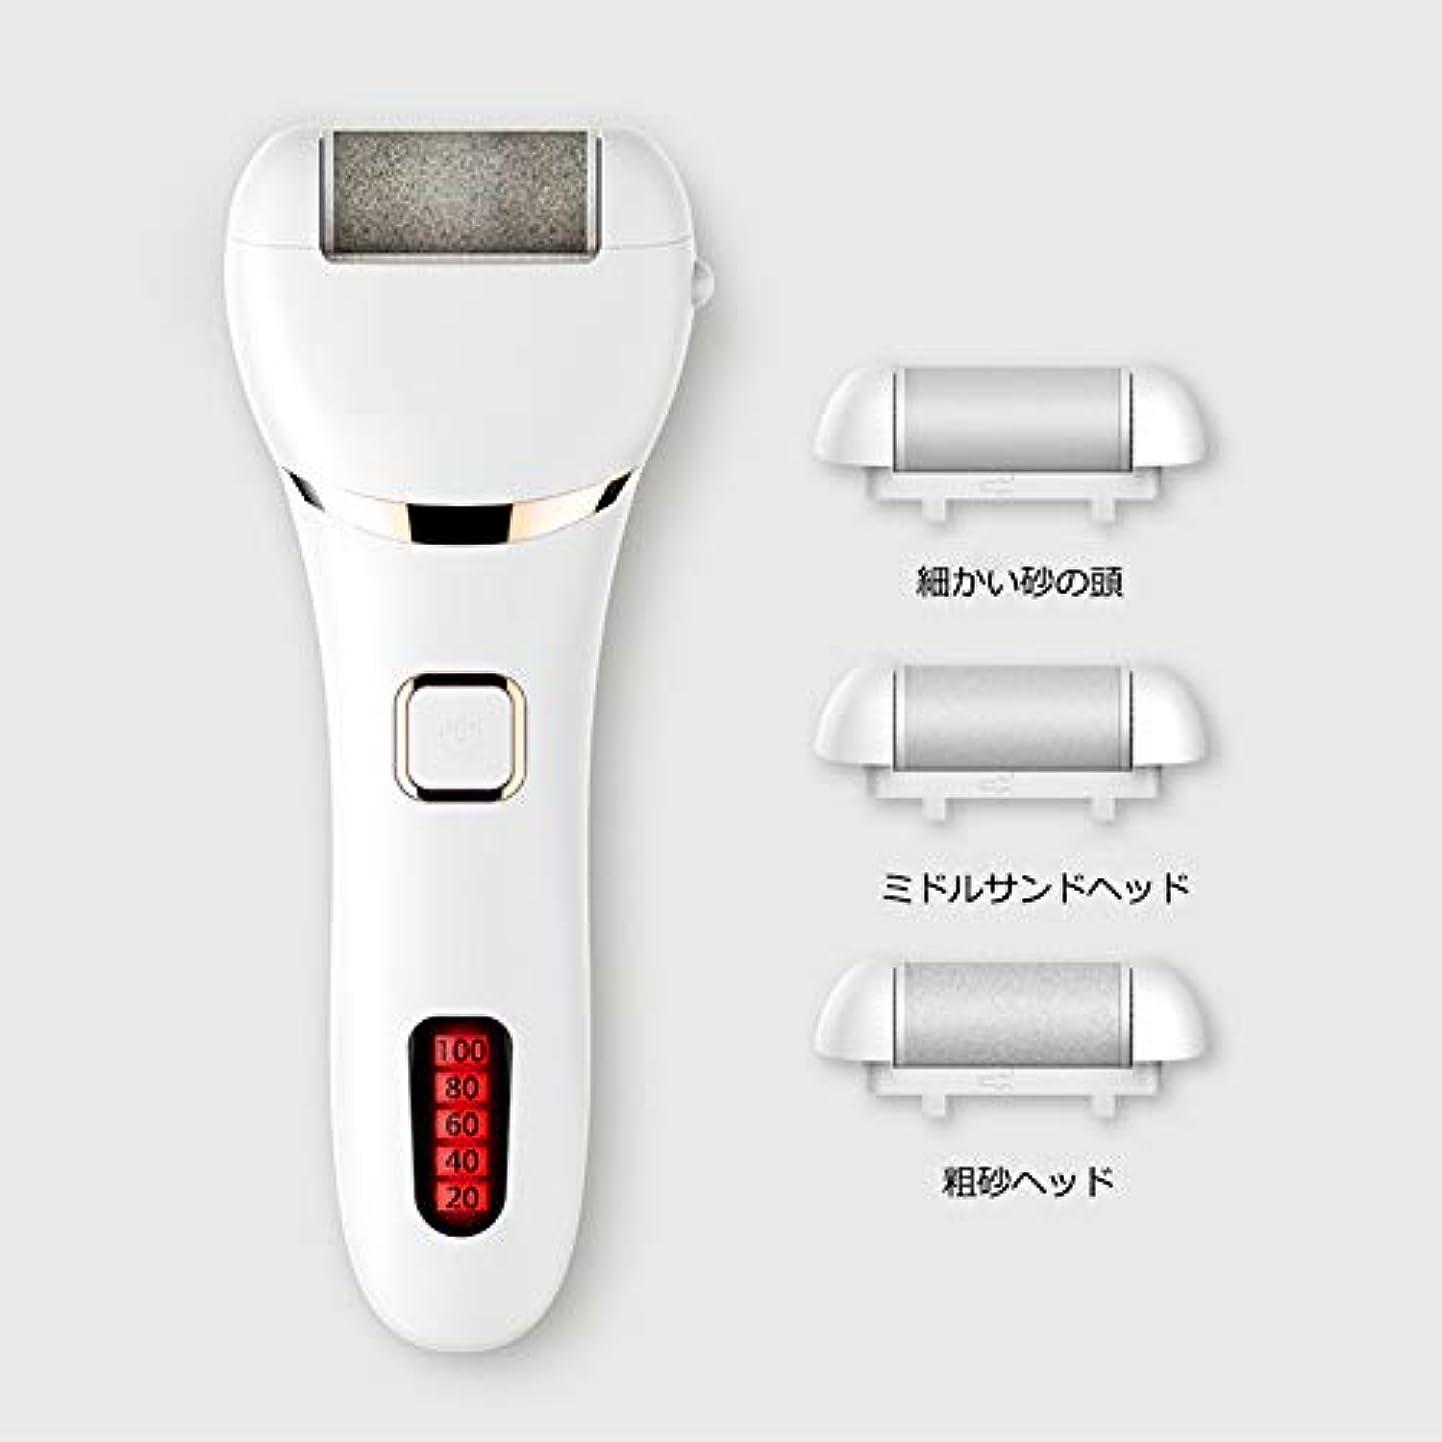 吸収剤提唱する長いです電動かかと角質取り リムーバー 水洗いでき 角質クリア ワンタッチスタート ローラー フットケア USB充電 角質リムーバー 女性/老人が大好 フットケアに大人気